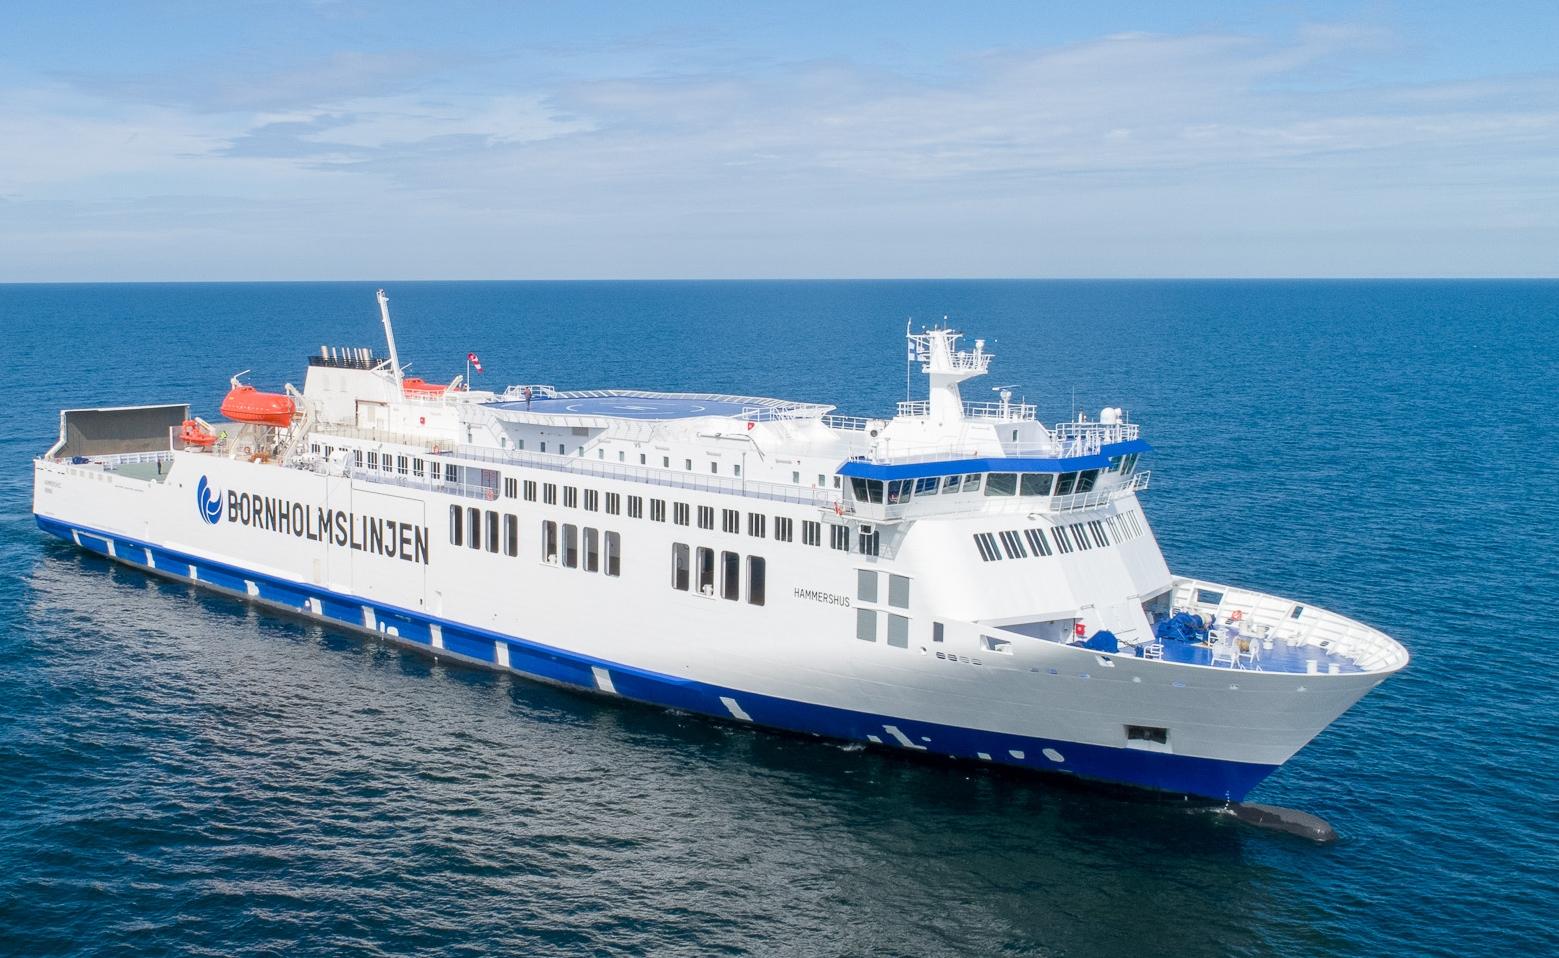 Den nybyggede færge Hammershus er et af fartøjerne som Bornholmslinjen bruger på ruterne til Bornholm. Foto: Molslinjen.